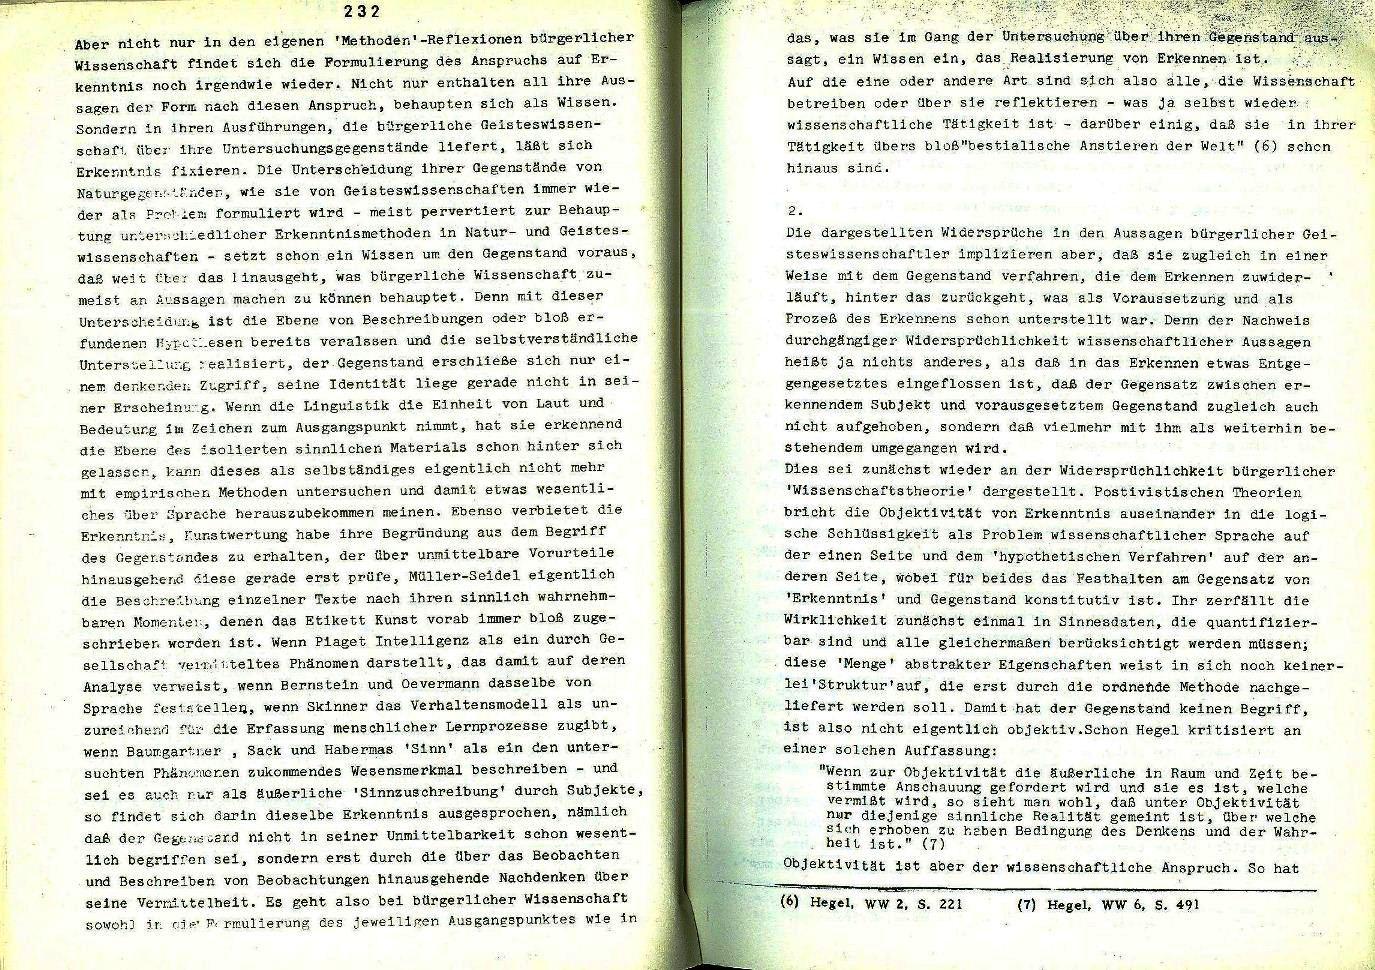 Muenchen_AK_Sozialistisches_Studium121